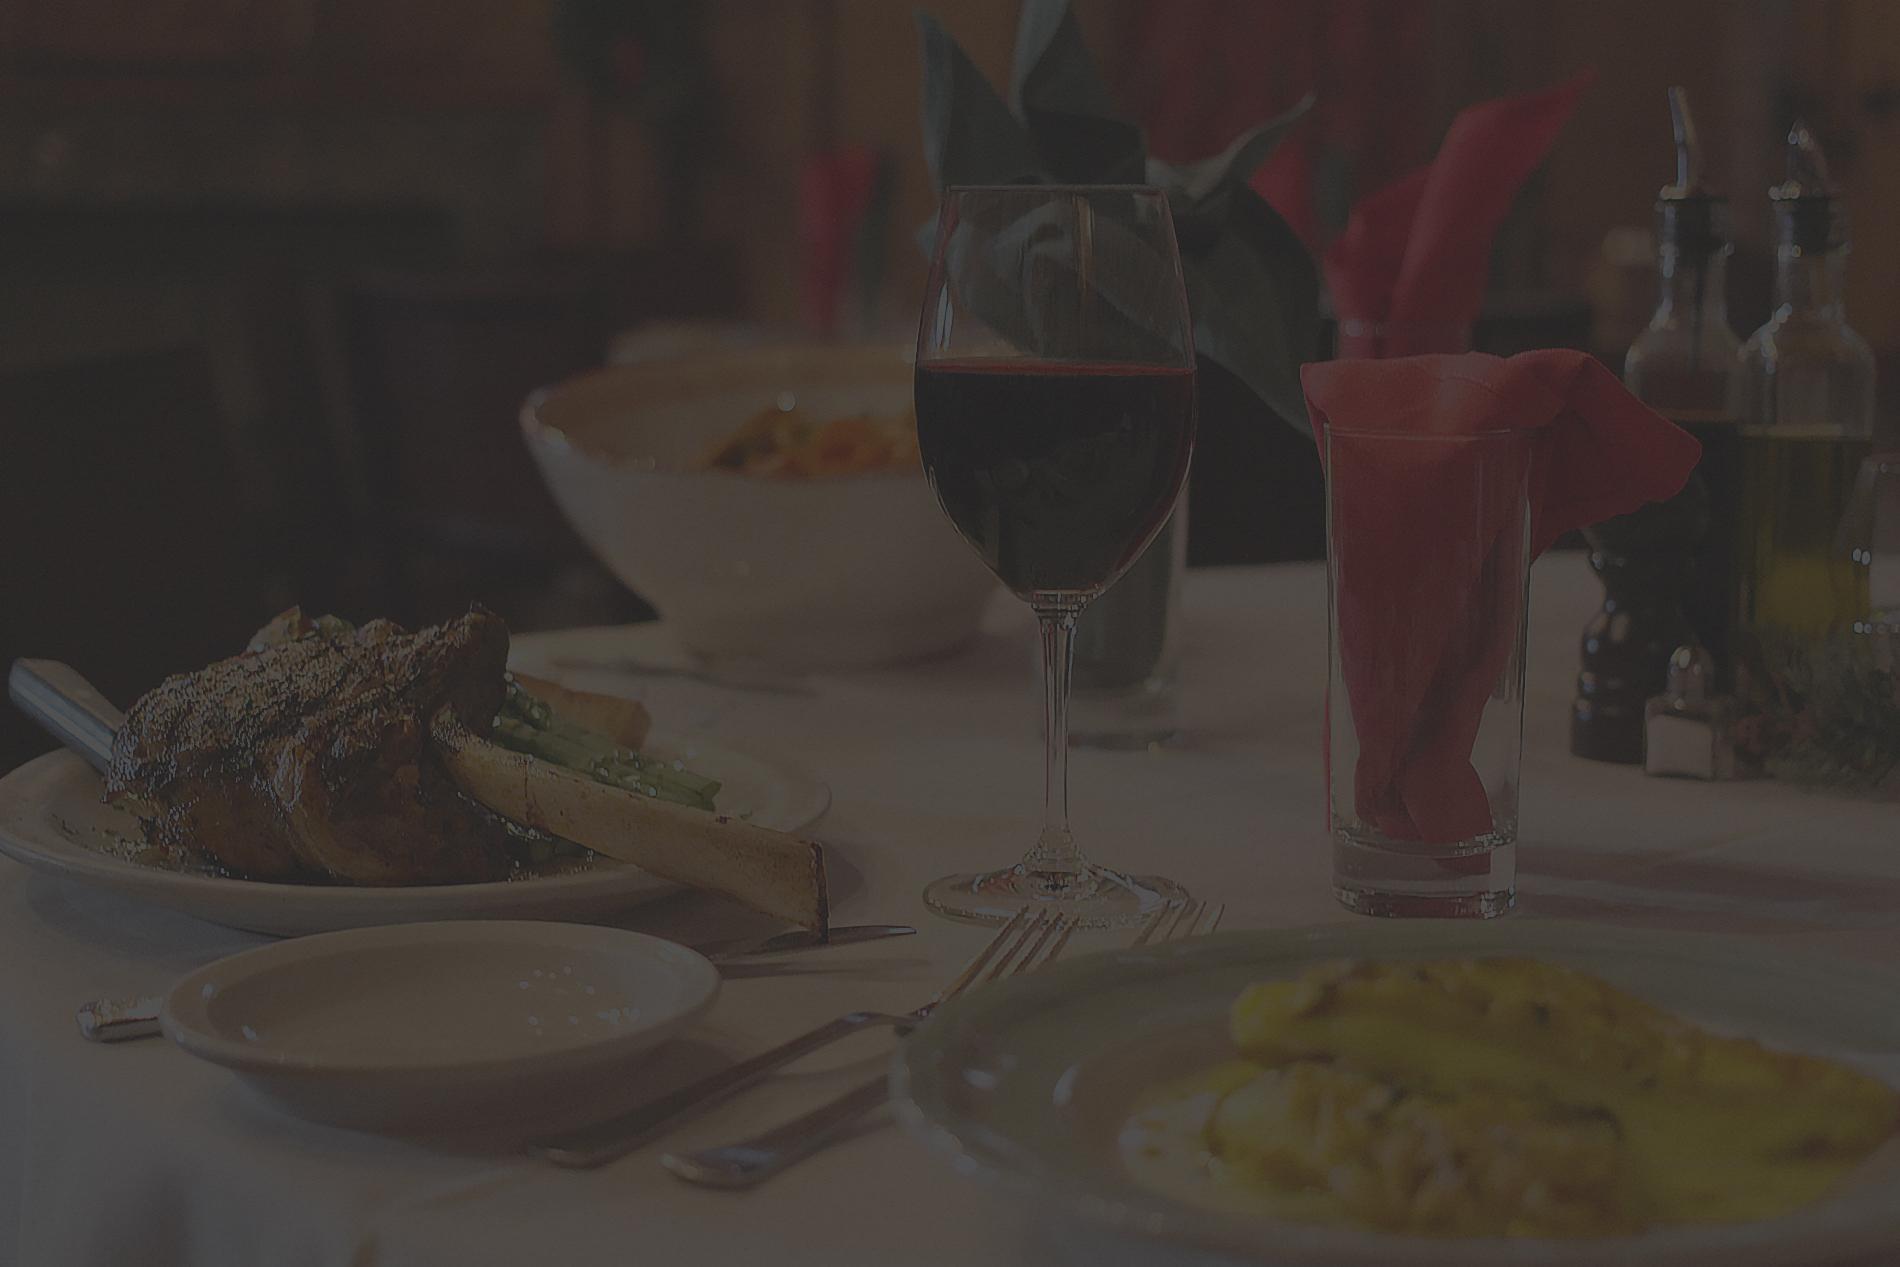 roma ristorante oakville ct